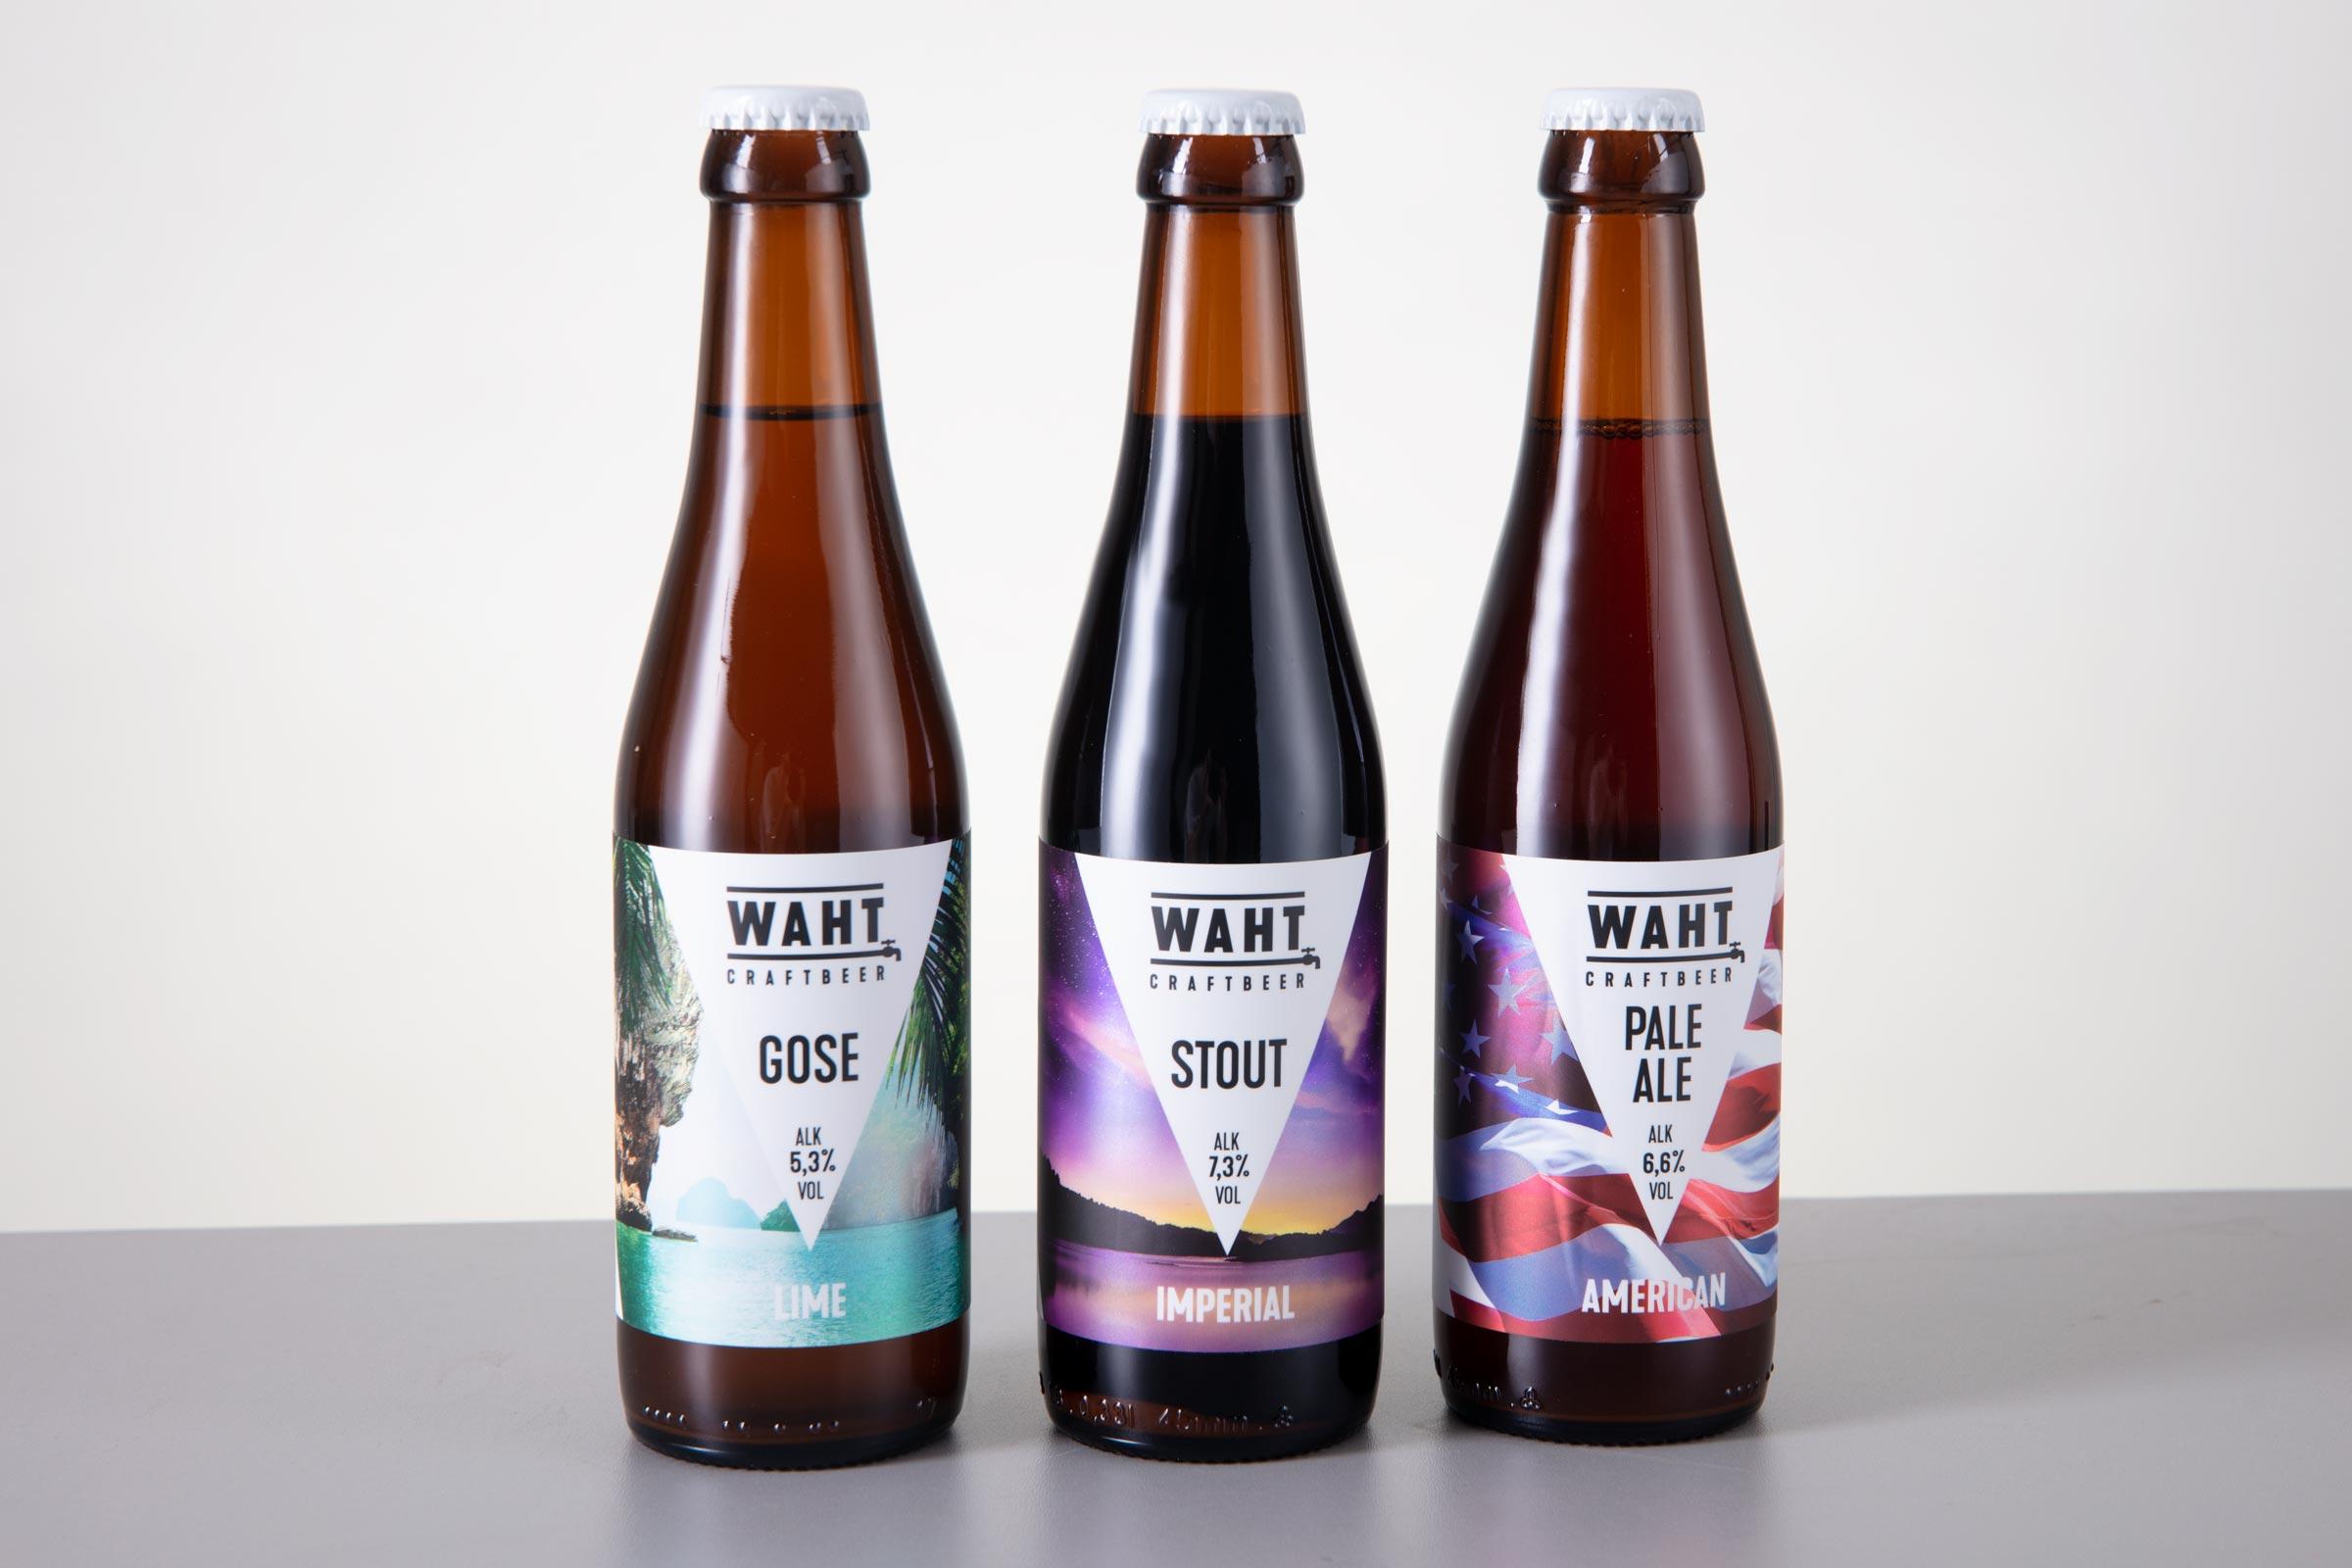 Käsitöö õllede tooteseeria Waht - Craftbeer OÜ